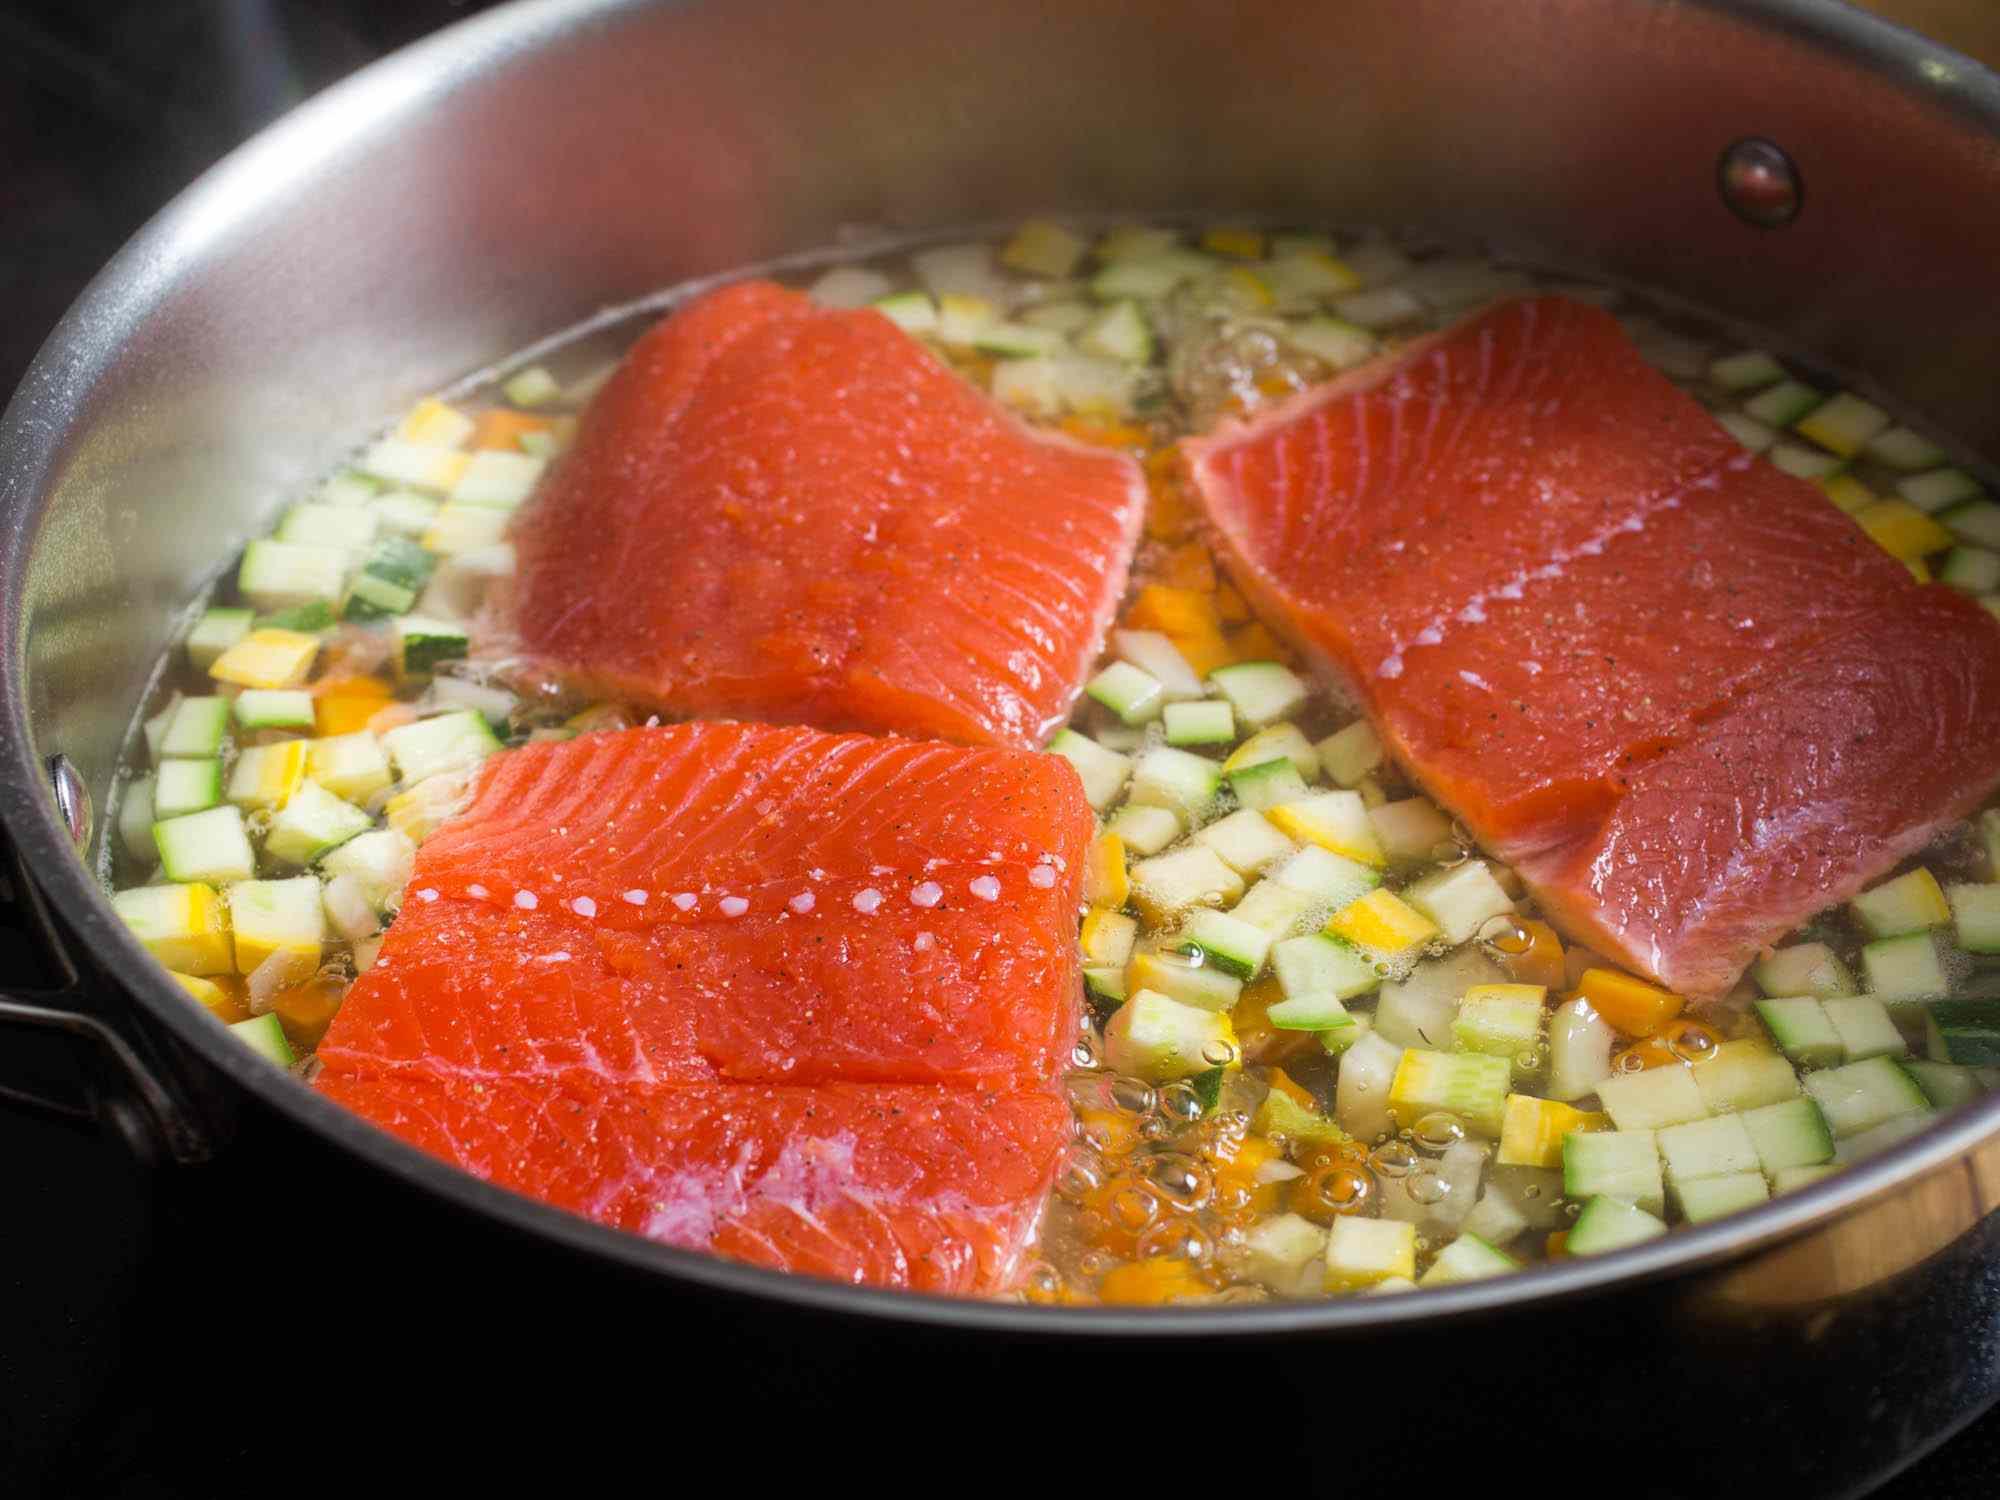 20150715-salmon-a-la-nage-vicky-wasik-5.jpg